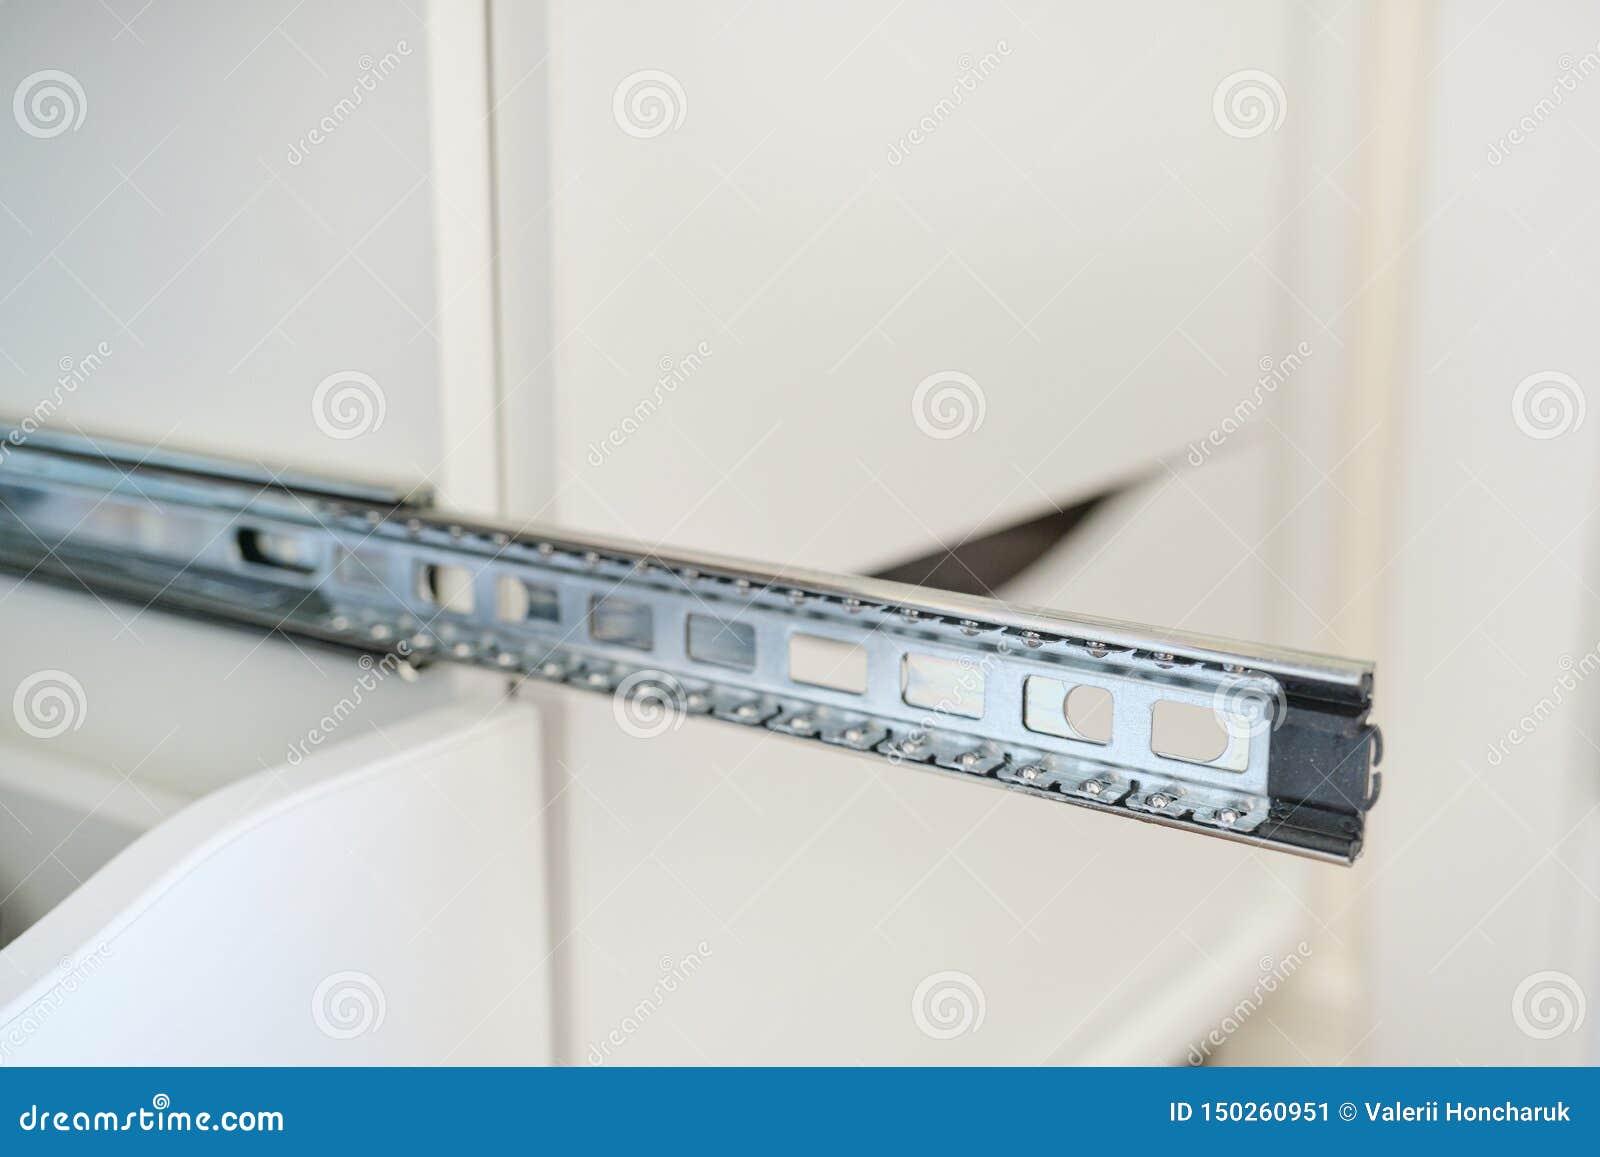 Mebli szczegóły w górę, instalacja kreślarzi w gabinecie